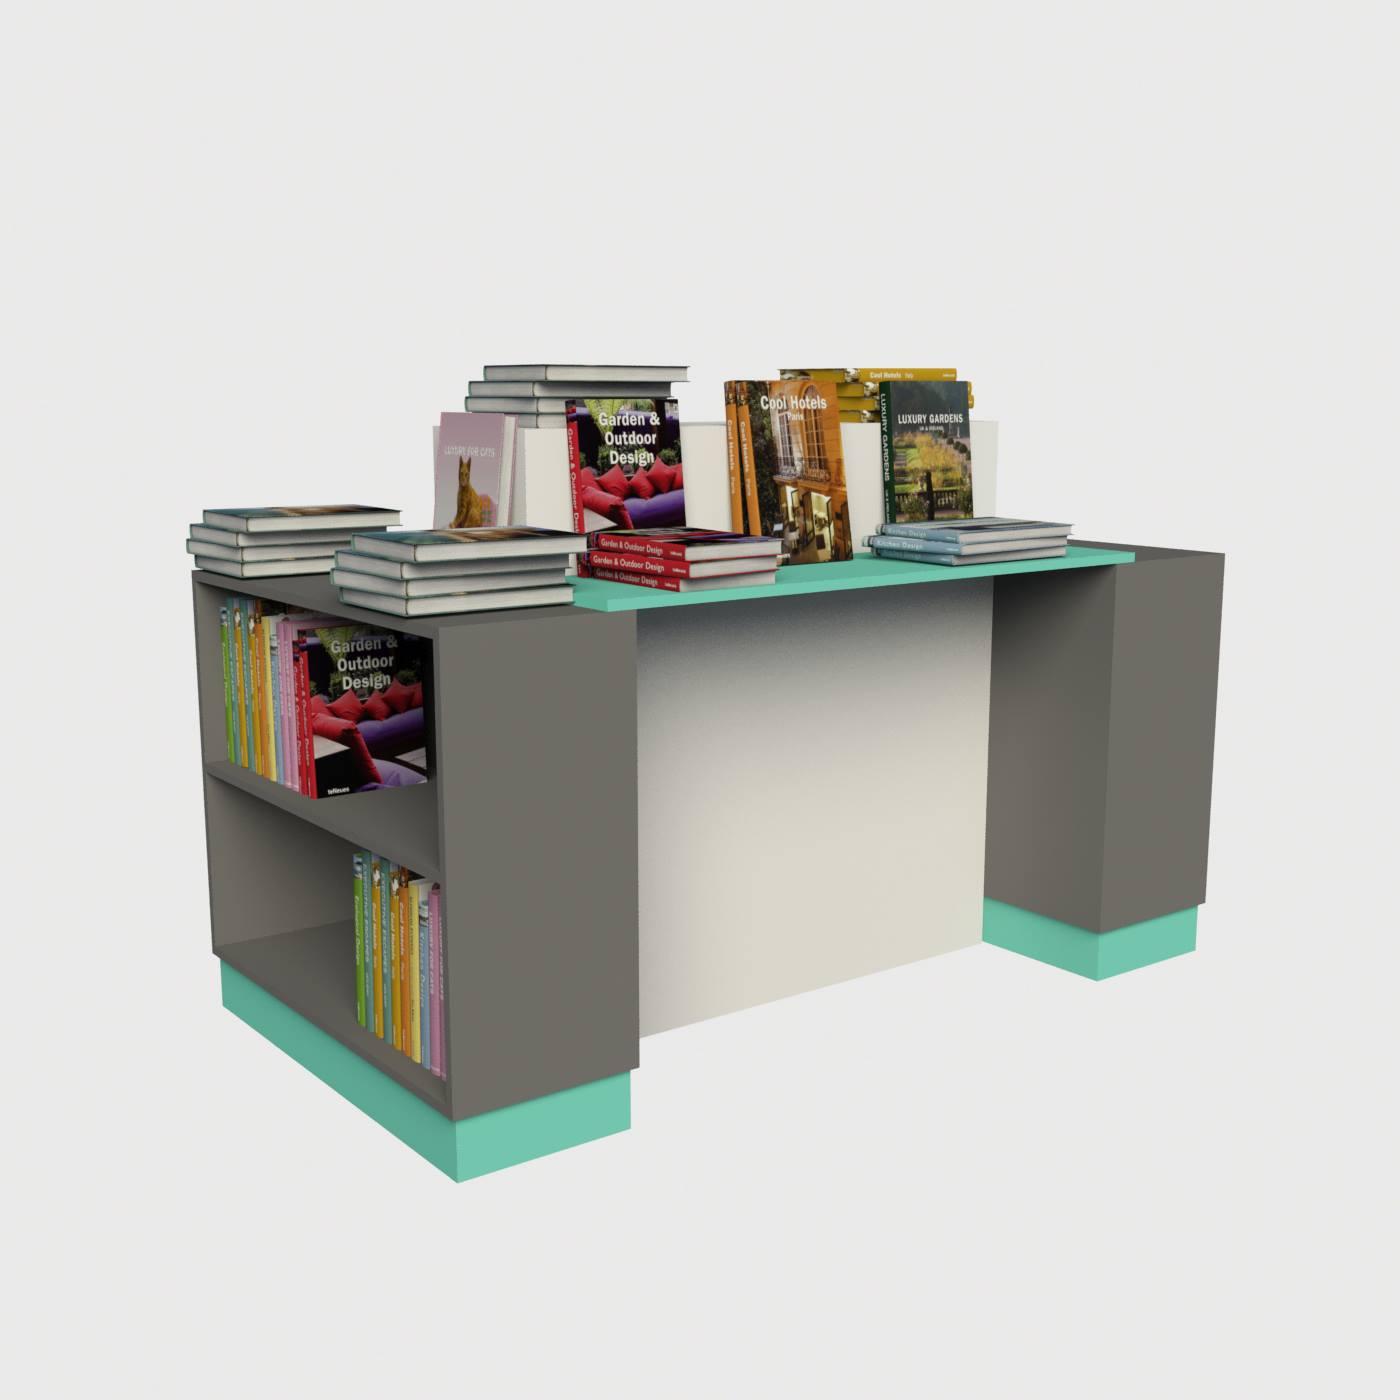 Κεντρικό τραπέζι βιβλιοπωλείου για βιβλία δειγματισμό εξοπλισμός καταστημάτων βιβλιχαρτοπωλείων έπιπλα καταστήματος